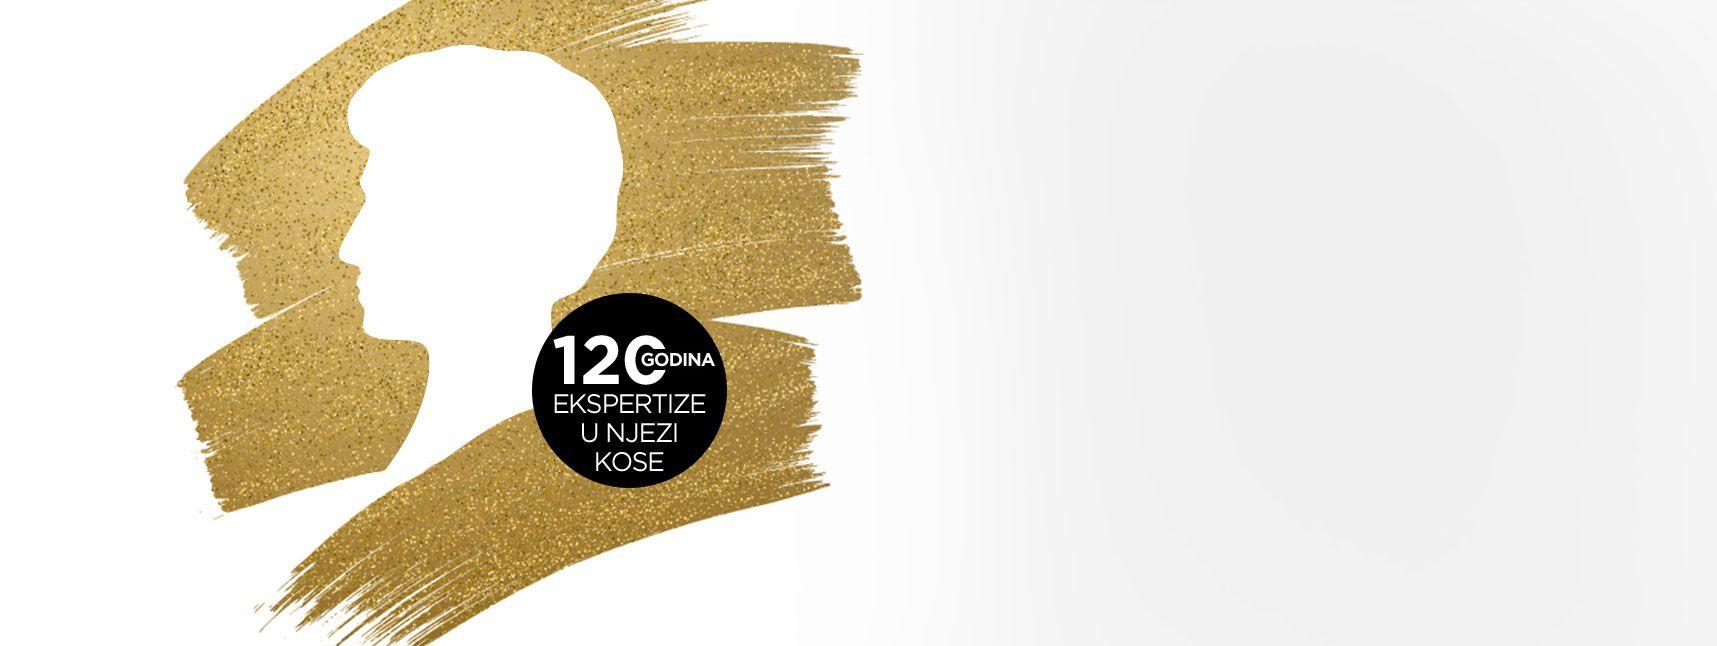 120. godišnjica Schwarzkopf-a